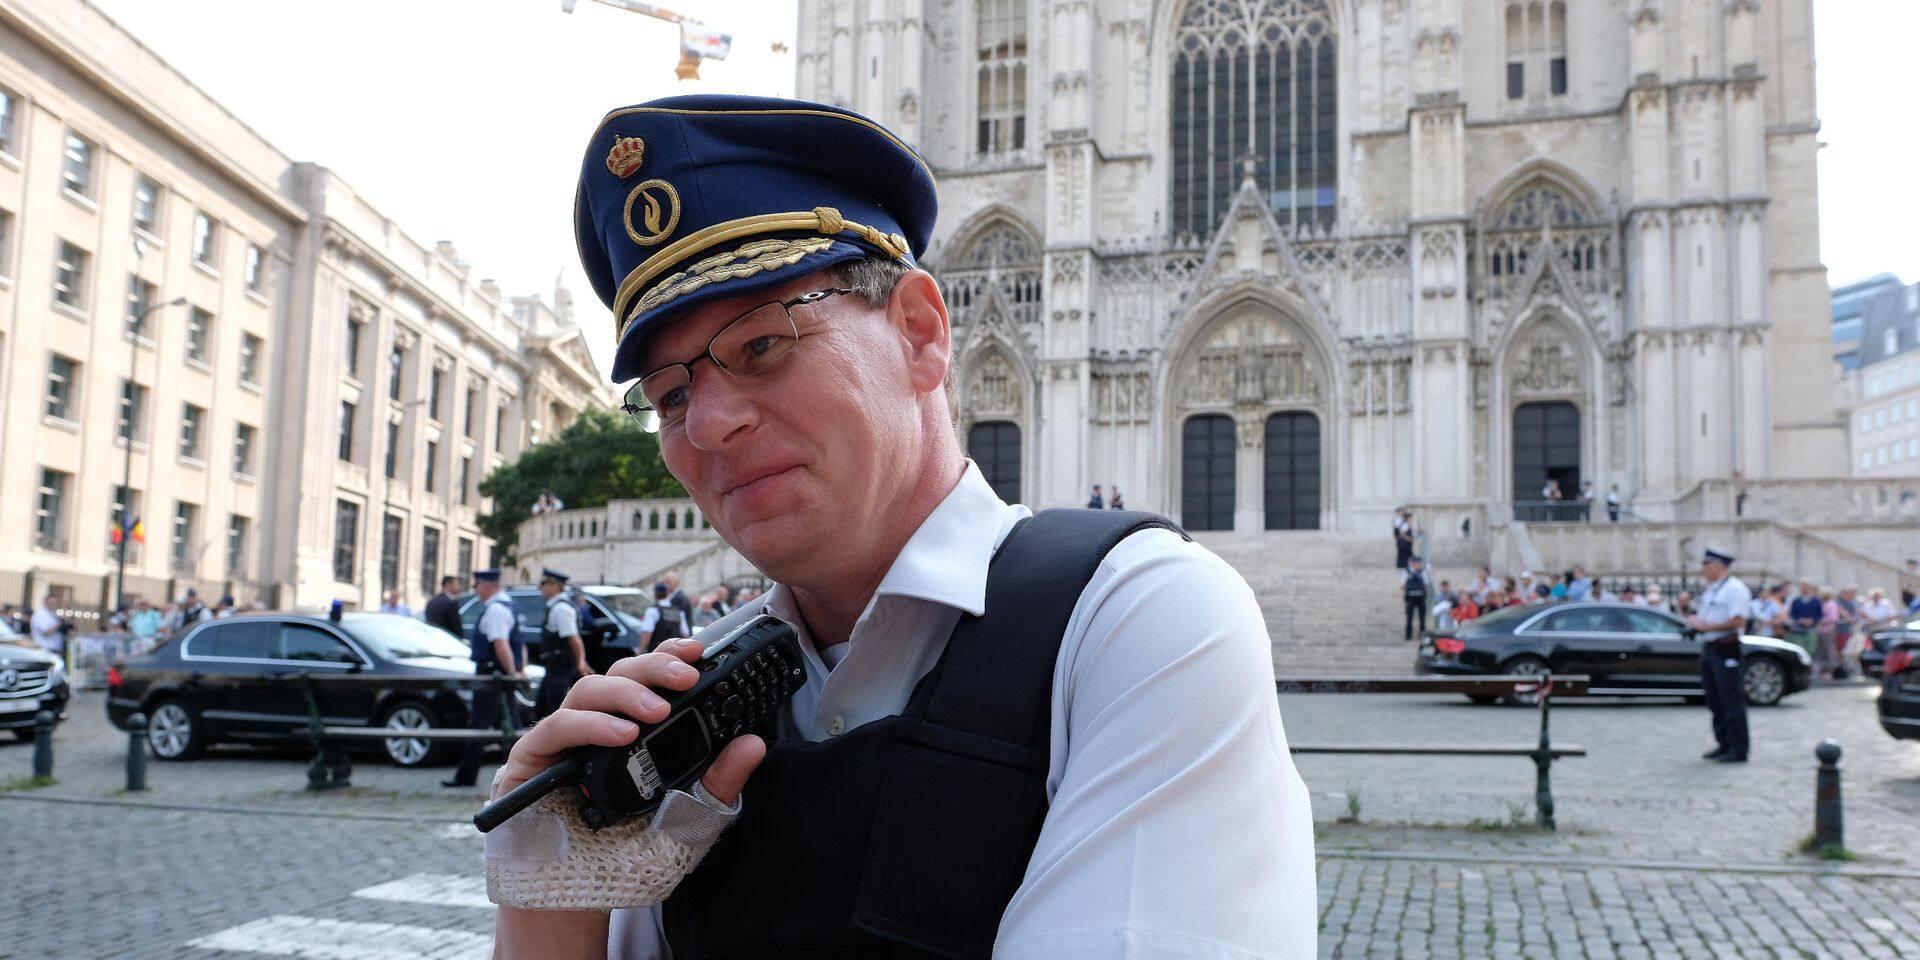 Suspecté d'avoir laissé un individu non-policier utliser du gaz lacrymogène, le commissaire Vandersmissen est écarté